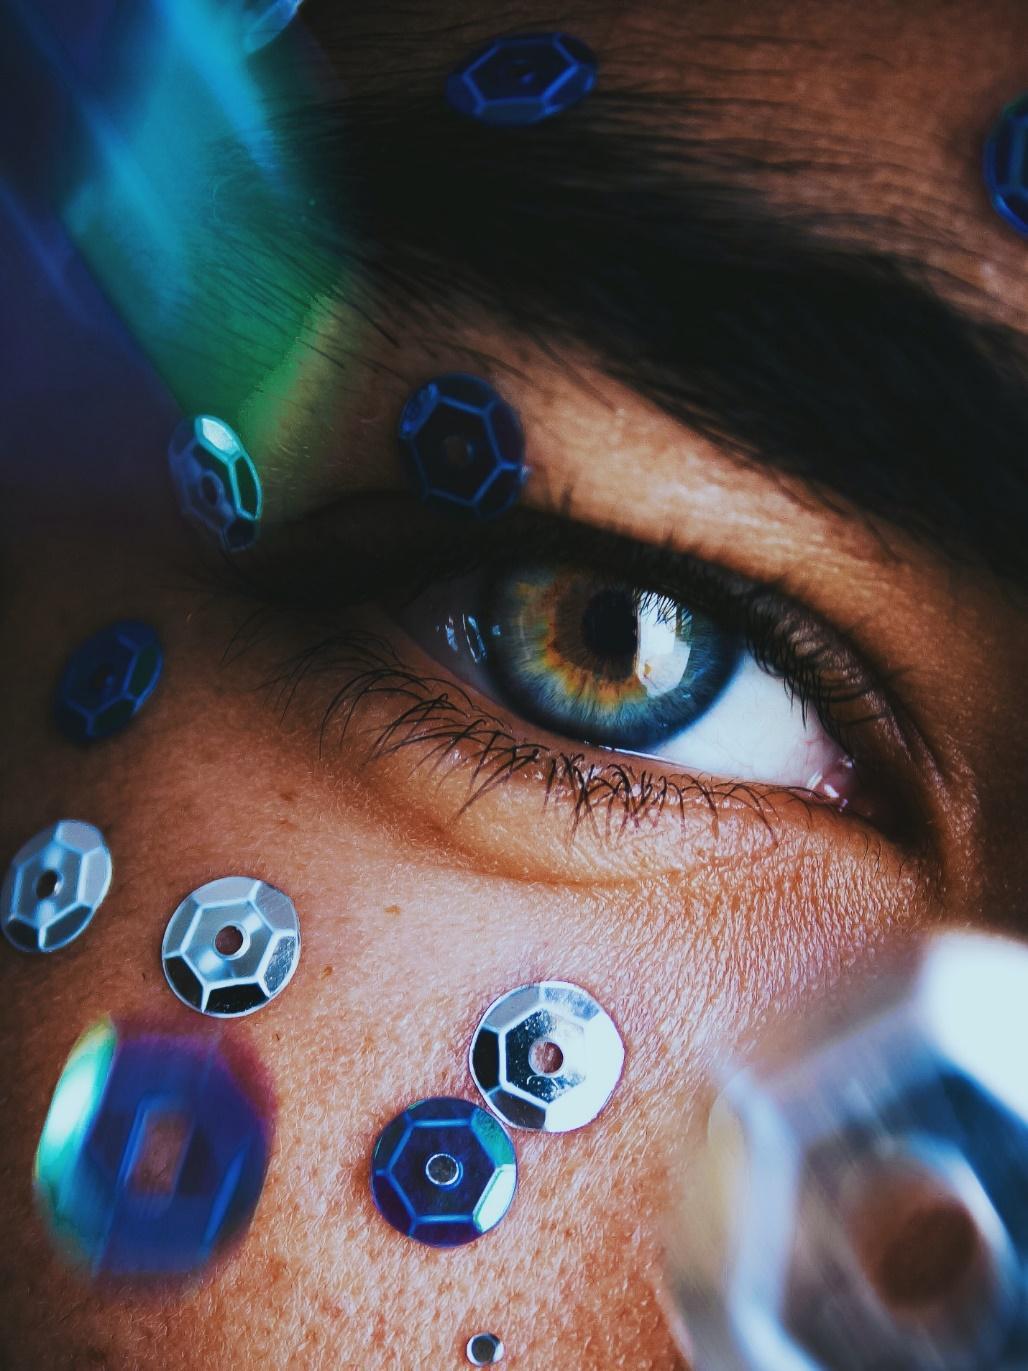 Best Online Non-Prescription Colored Contact Lenses Without A Prescription